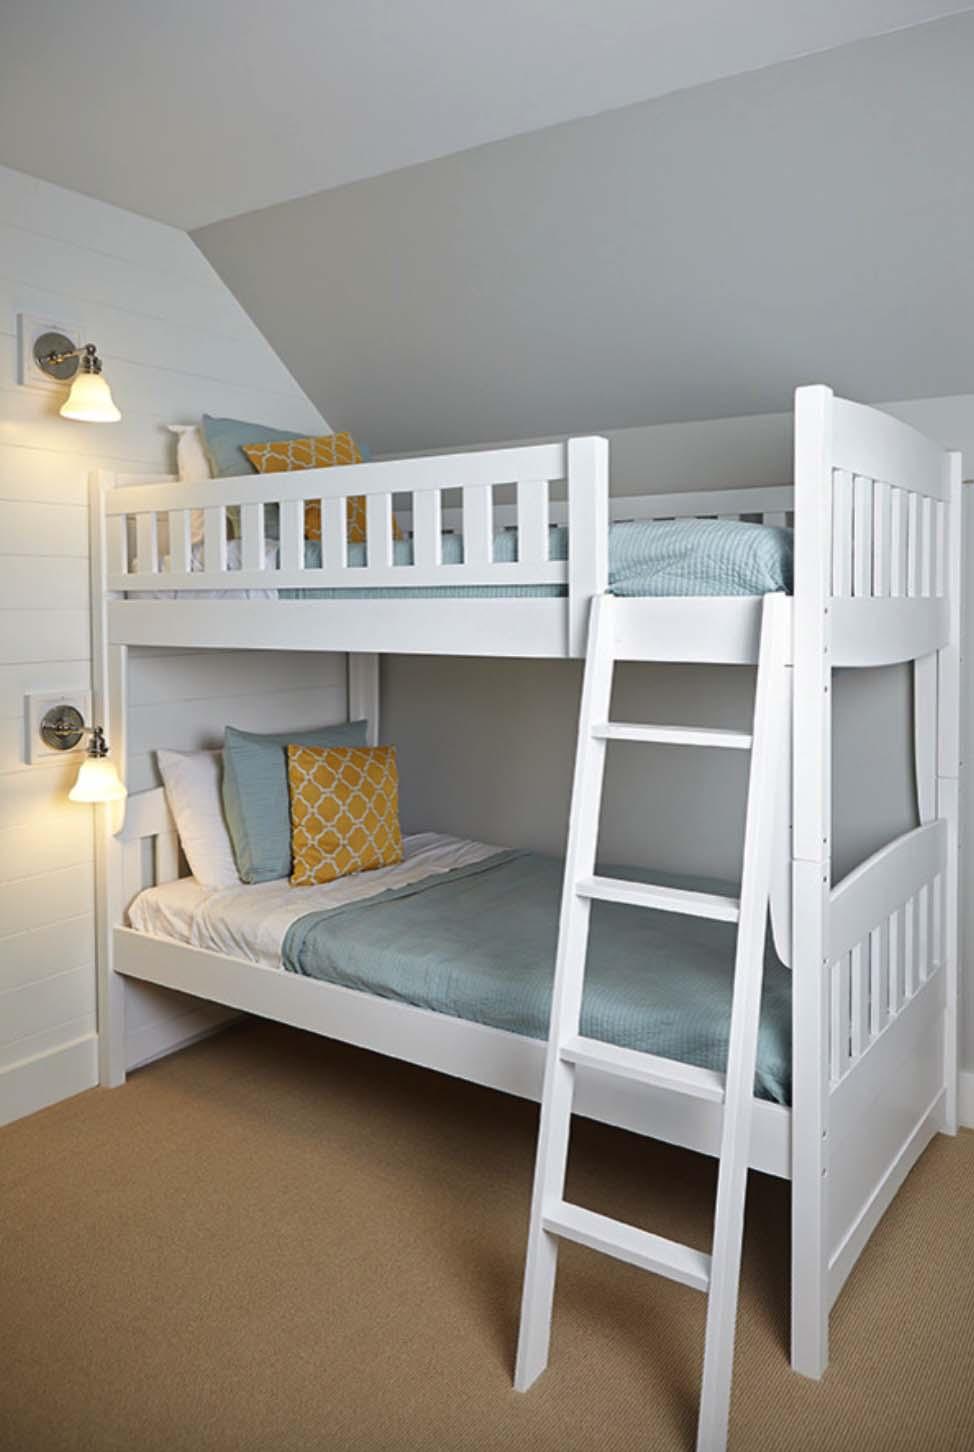 Cottage familial de style plage-Villa Decor-33-1 Kindesign